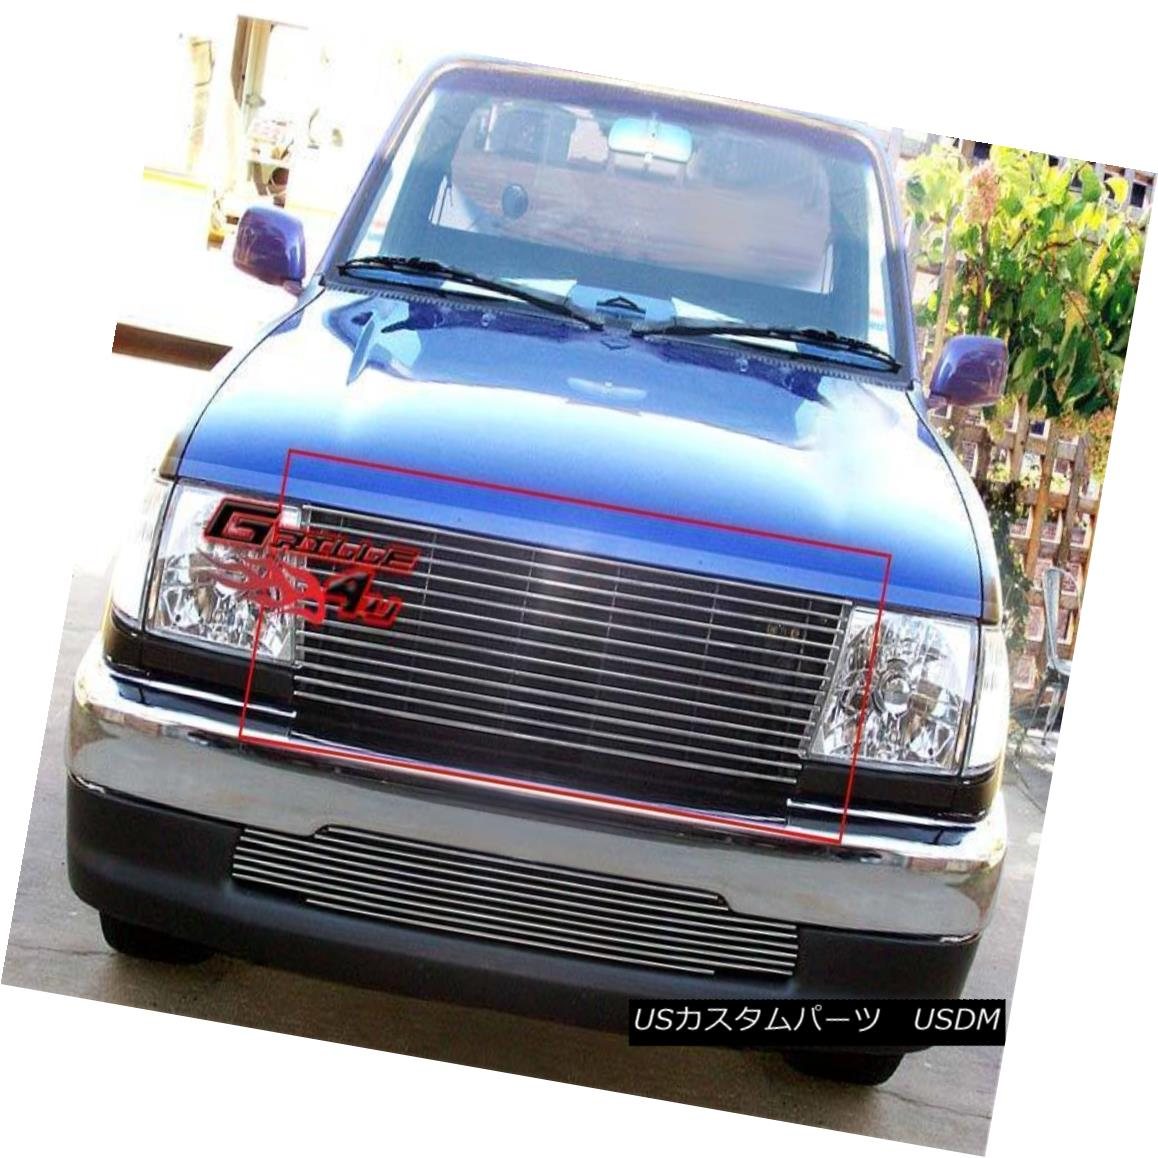 グリル Fits 1997-2000 Toyota Tacoma/ Prerunner Main Upper Billet Grille Insert 1997?2000年に適合トヨタタコマ/プレランナーメインアッパービレットグリルインサート